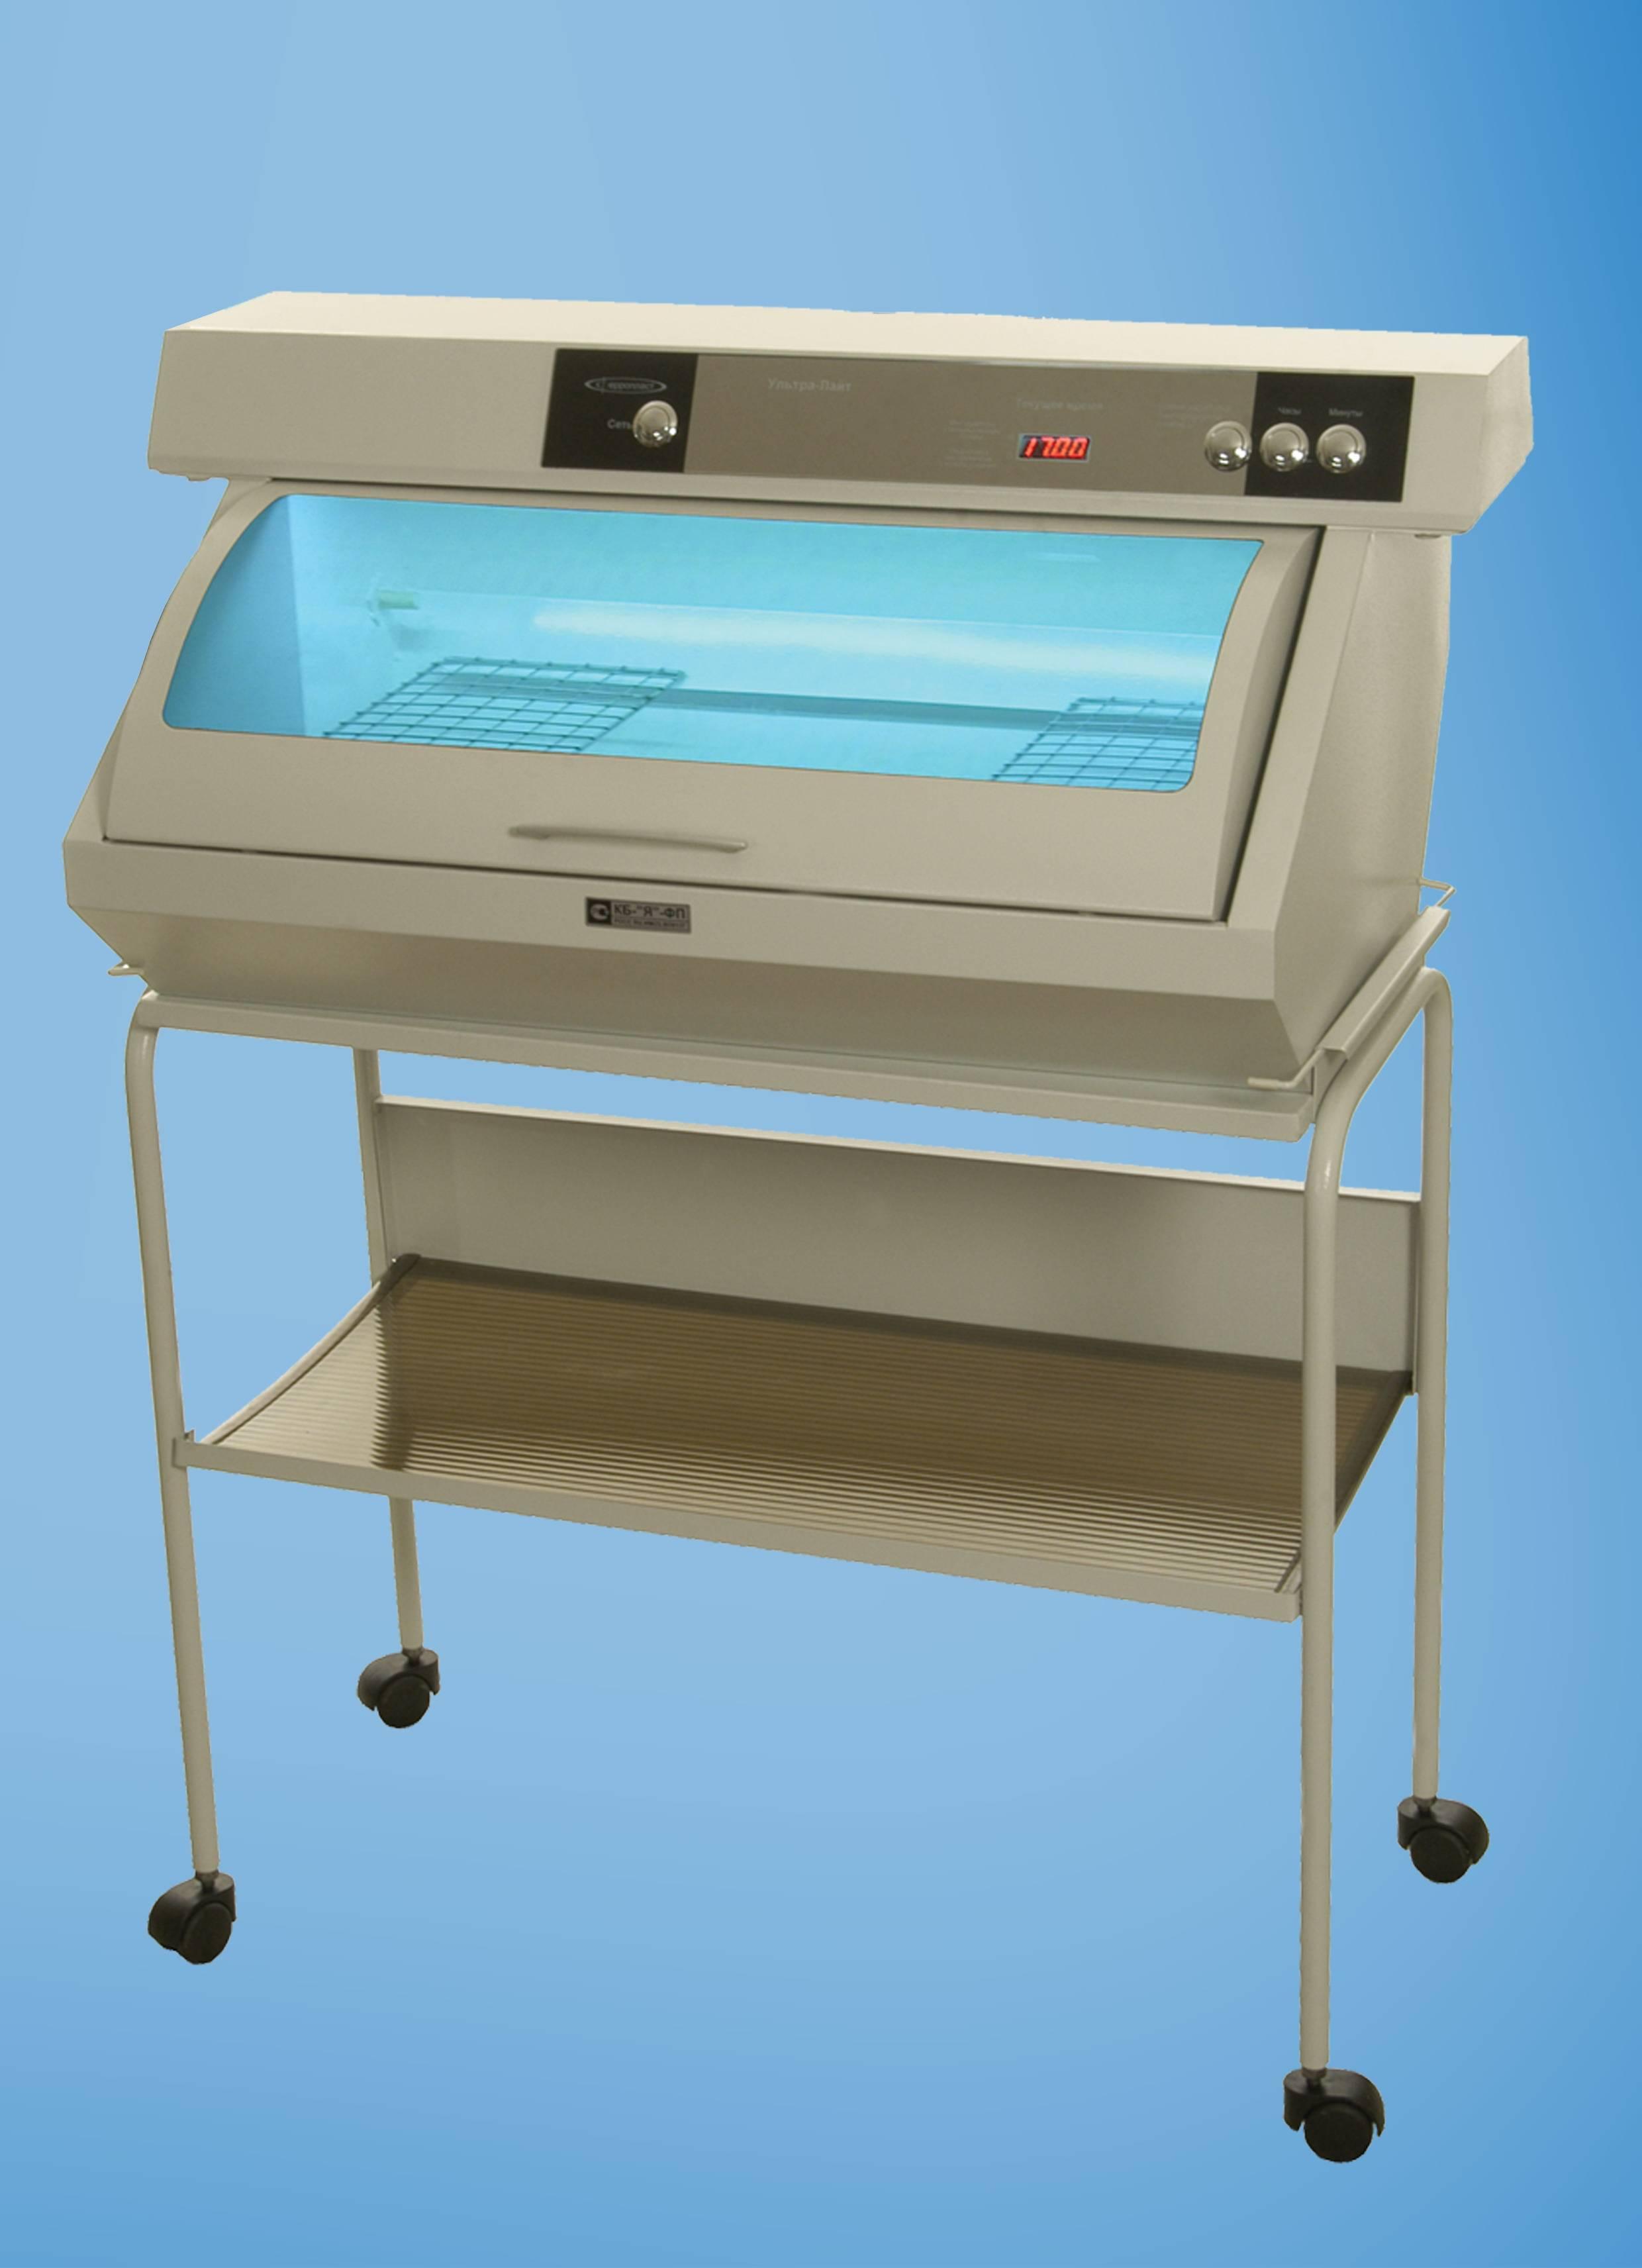 срок сохранения стерильности изделий на стерильном столе